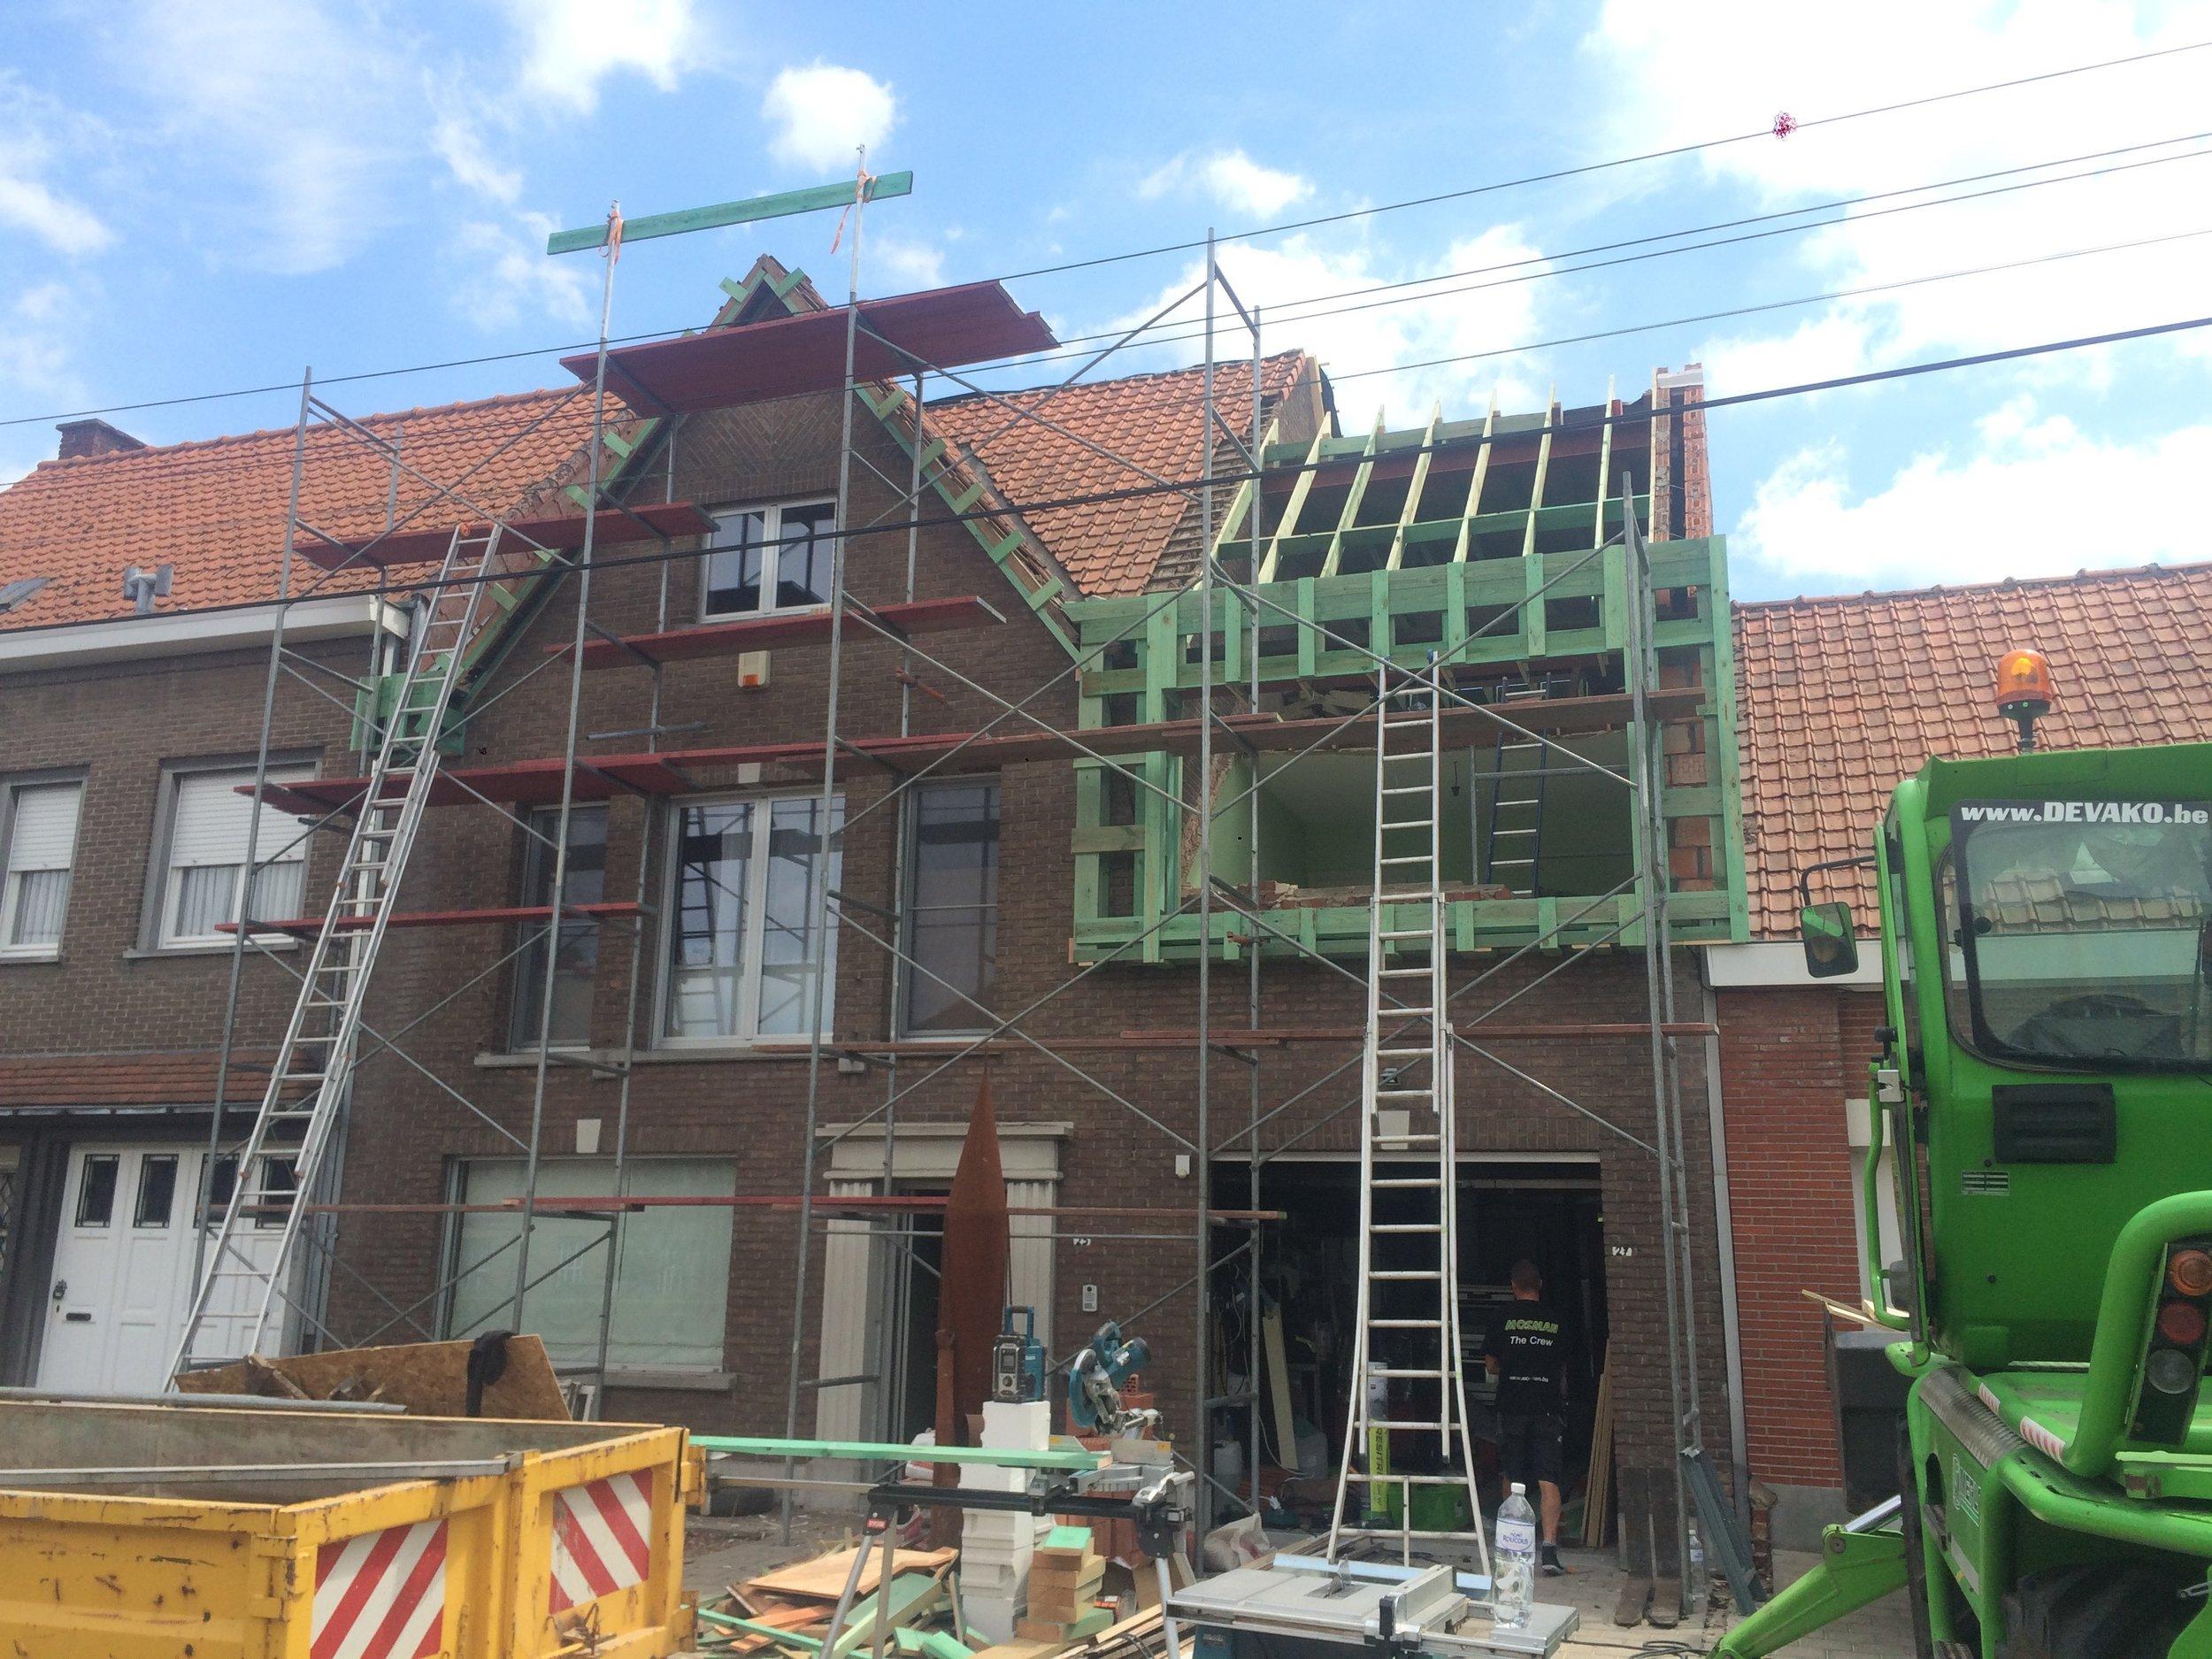 Volledige dakrenovatie met uitbouw dakkappel West-Vlaanderen.jpg